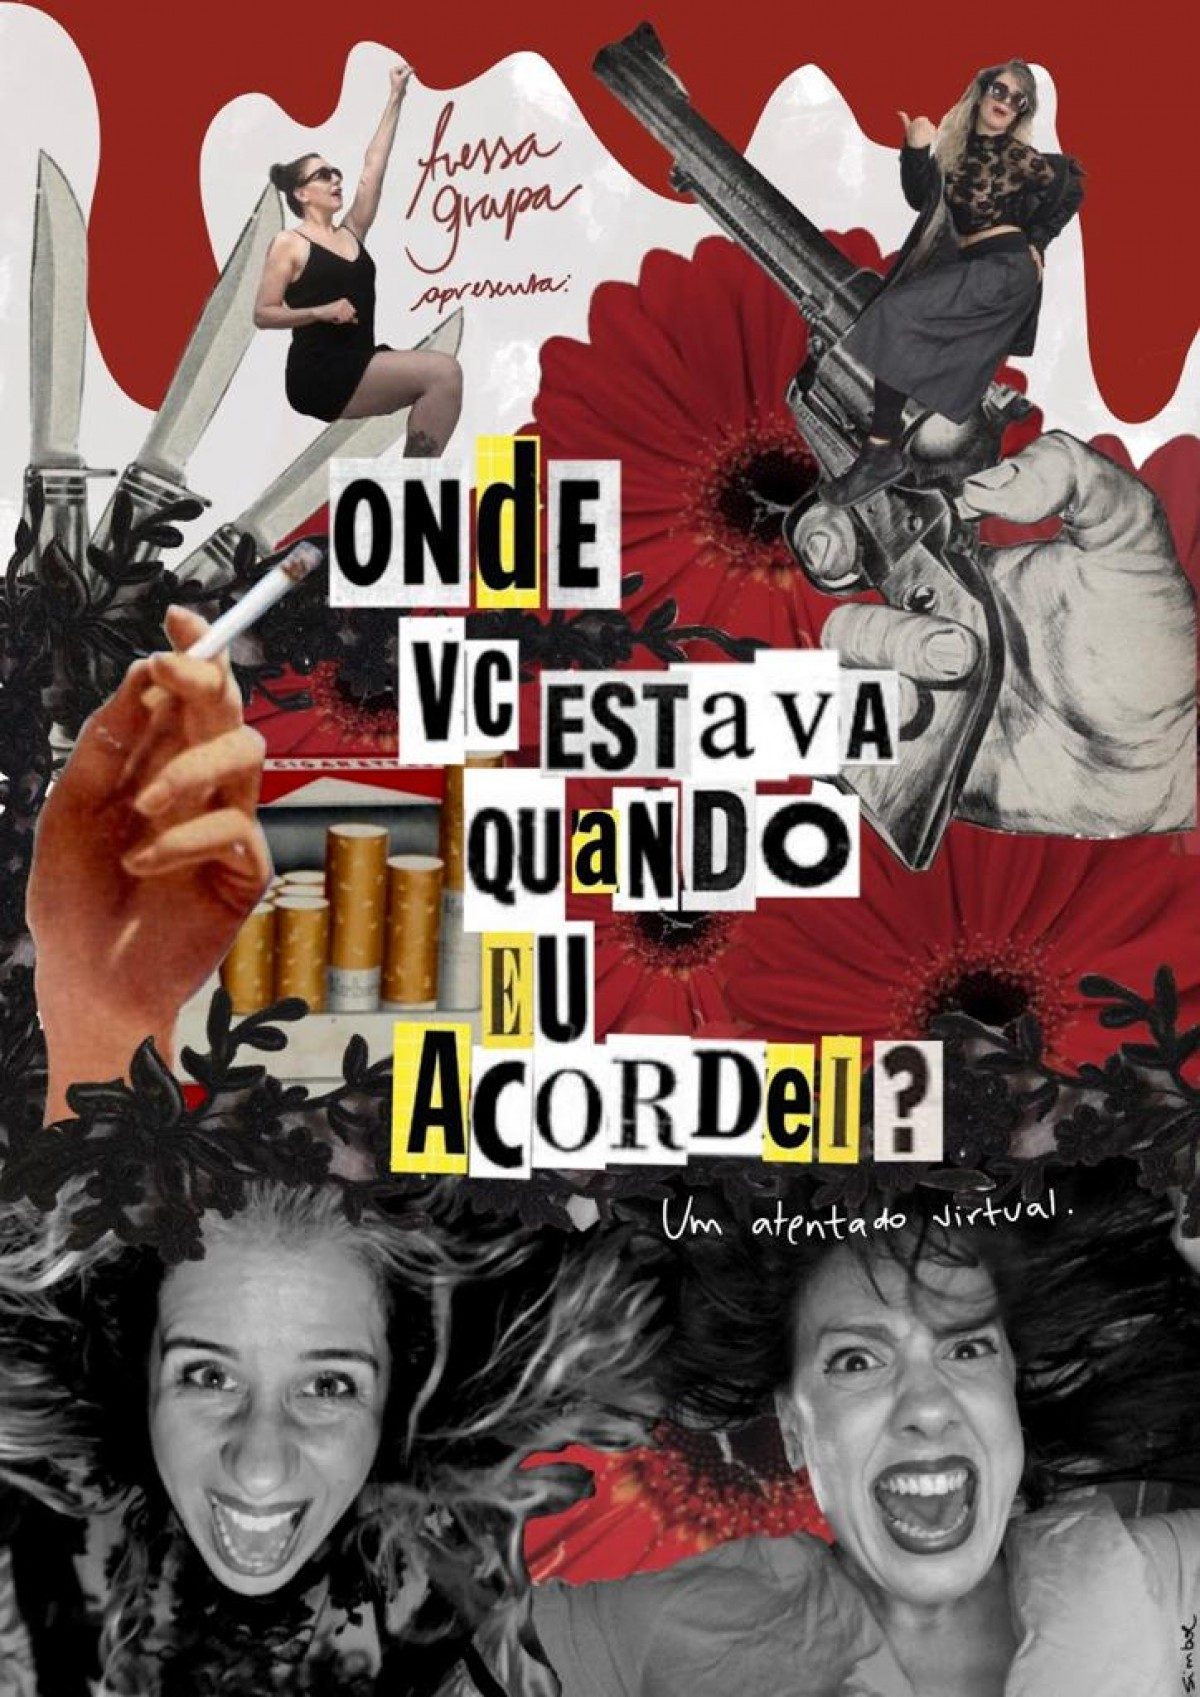 Avessa Grupa estreia peça virtual com Diane Veloso e Giuliana Maria (Imagem: Divulgação/ Rafaella Simbol)